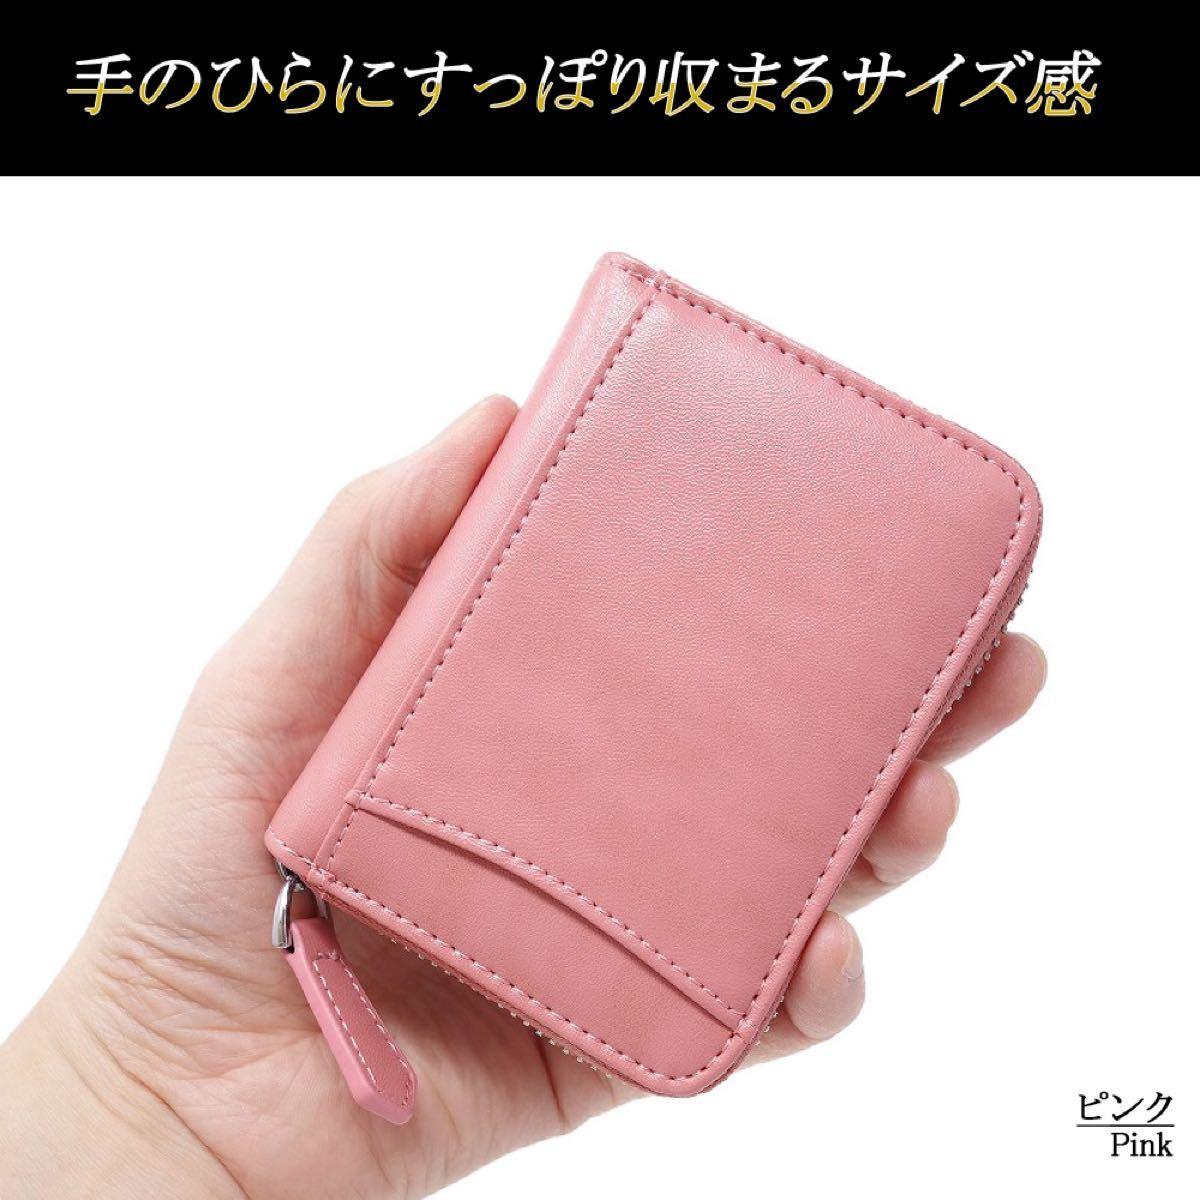 小銭入れ コインケース ボックス型 レディース ミニ財布 【ピンク】